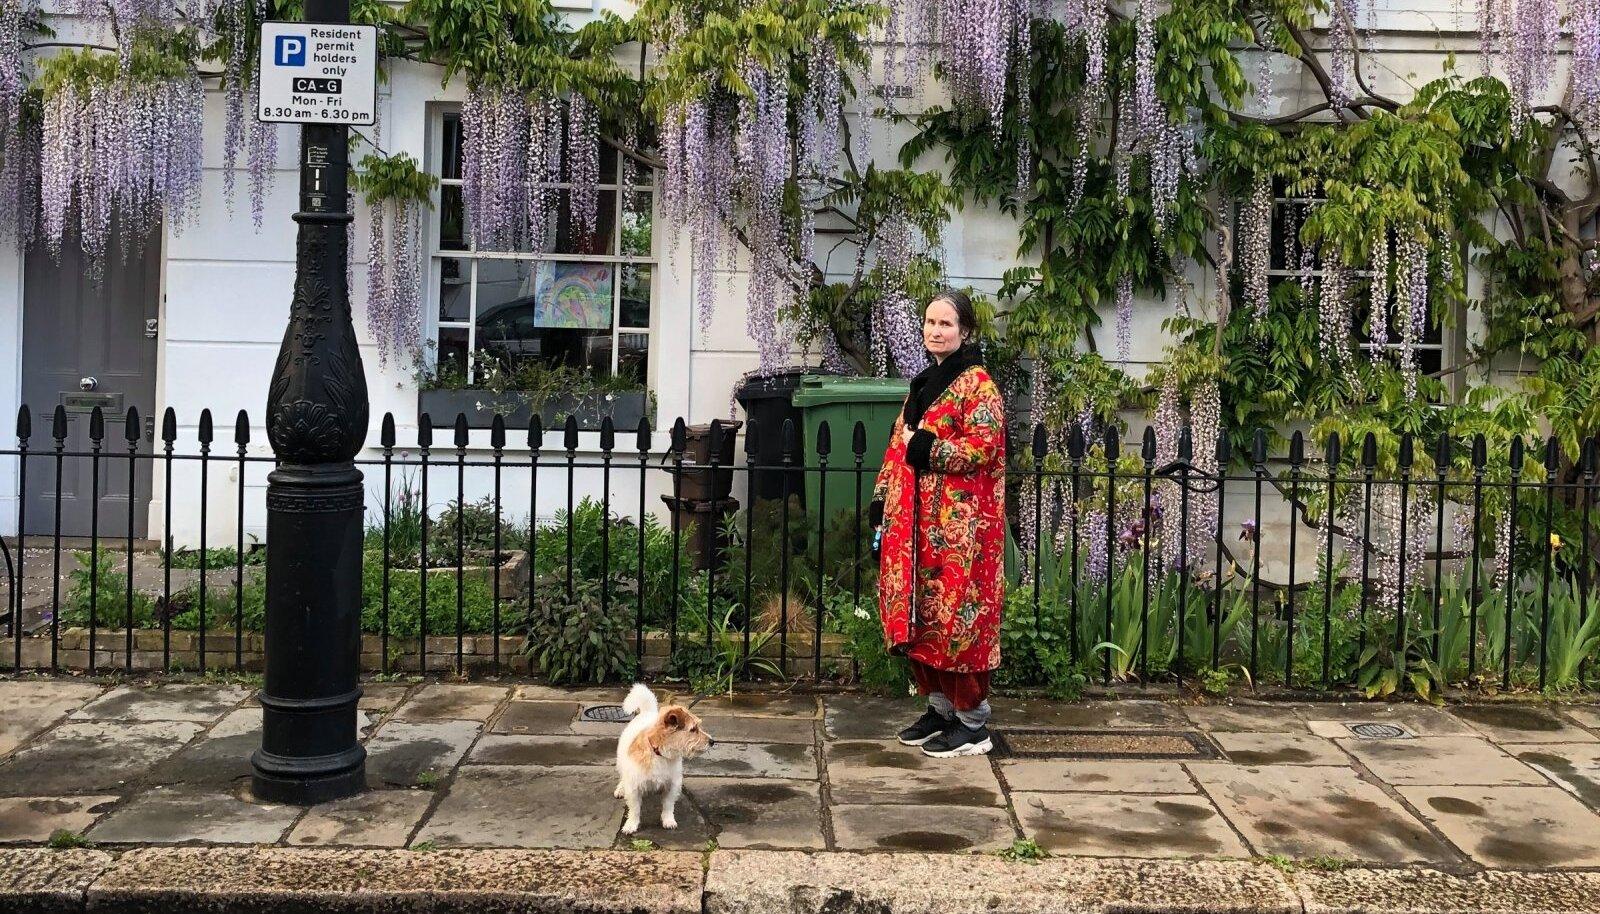 KOROONAAEG SUURLINNAS: Kunstnik Kadi Estland oma koera Kunstiga Londonis, kus kehtestatakse neljapäeval, 5. novembril kuu aega kestev lockdown.